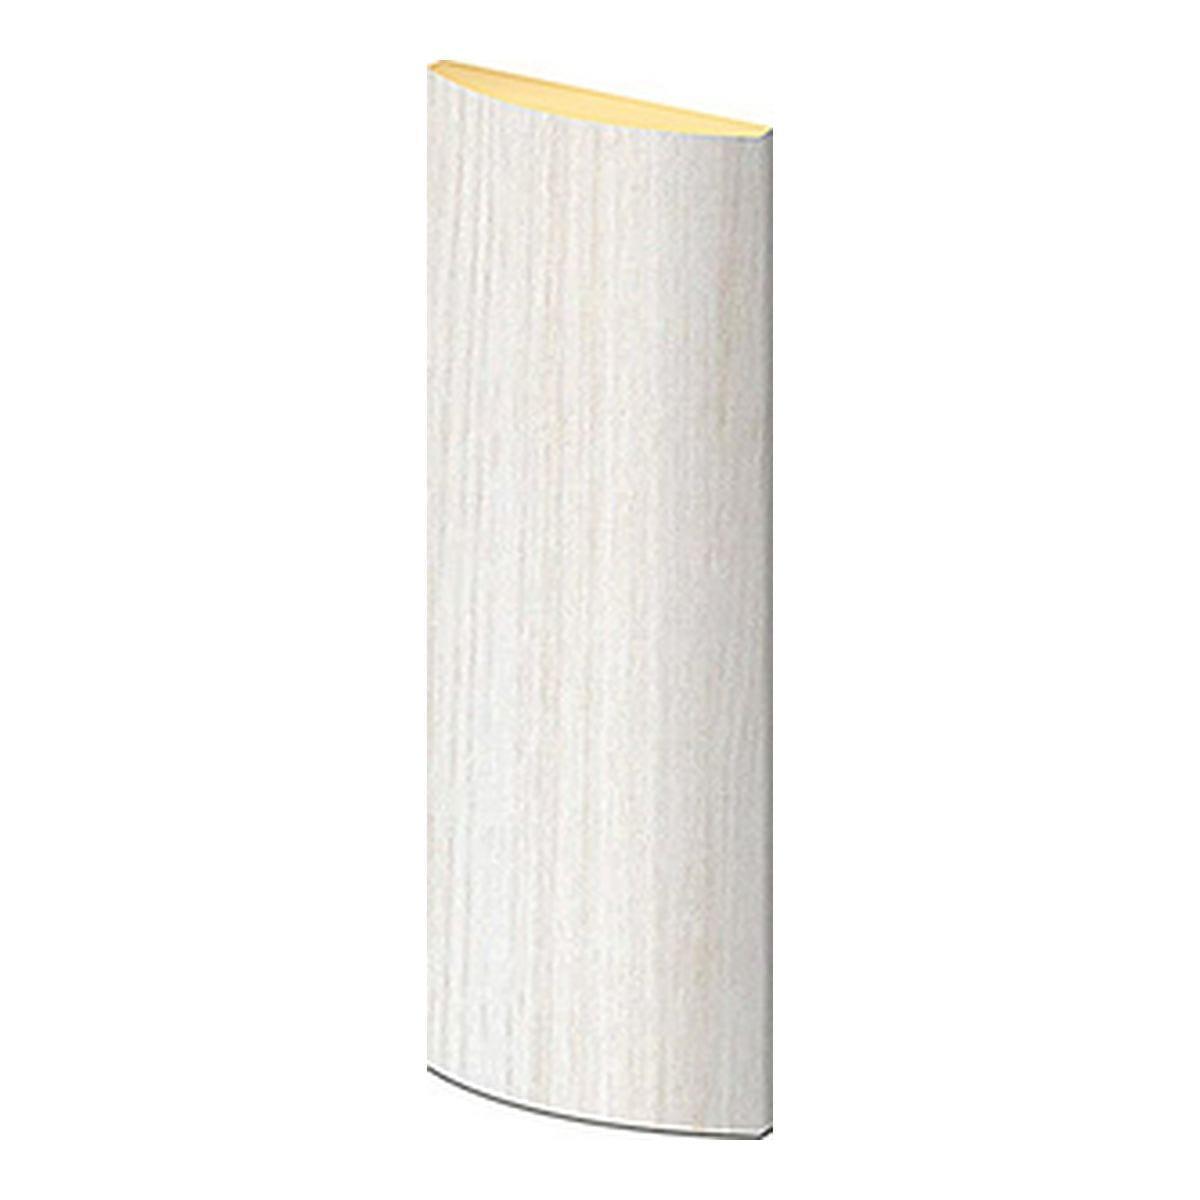 Наличник шпон беленый дуб 2150*67*12